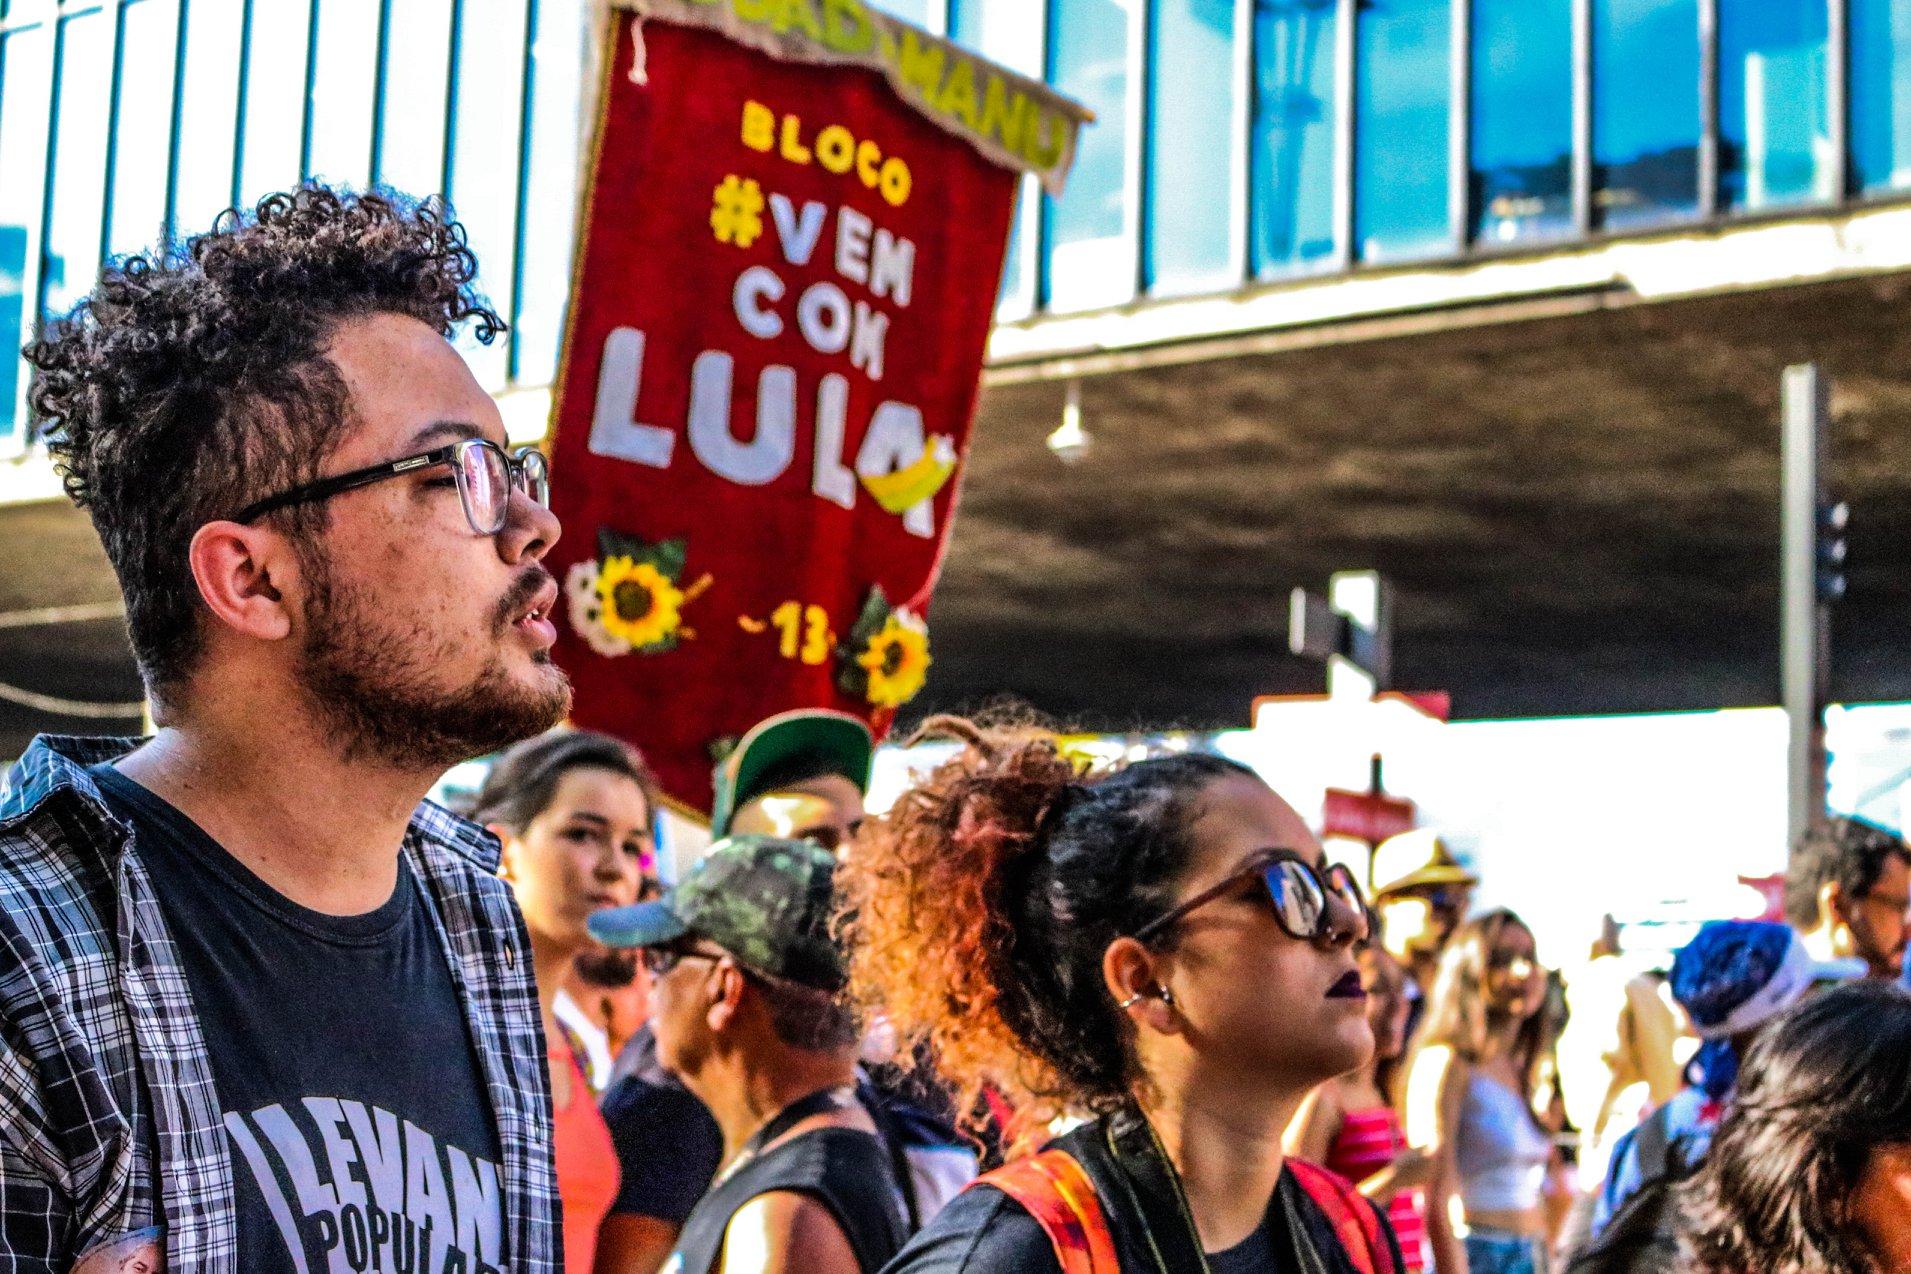 FOTO6-Bloco vem com Lula